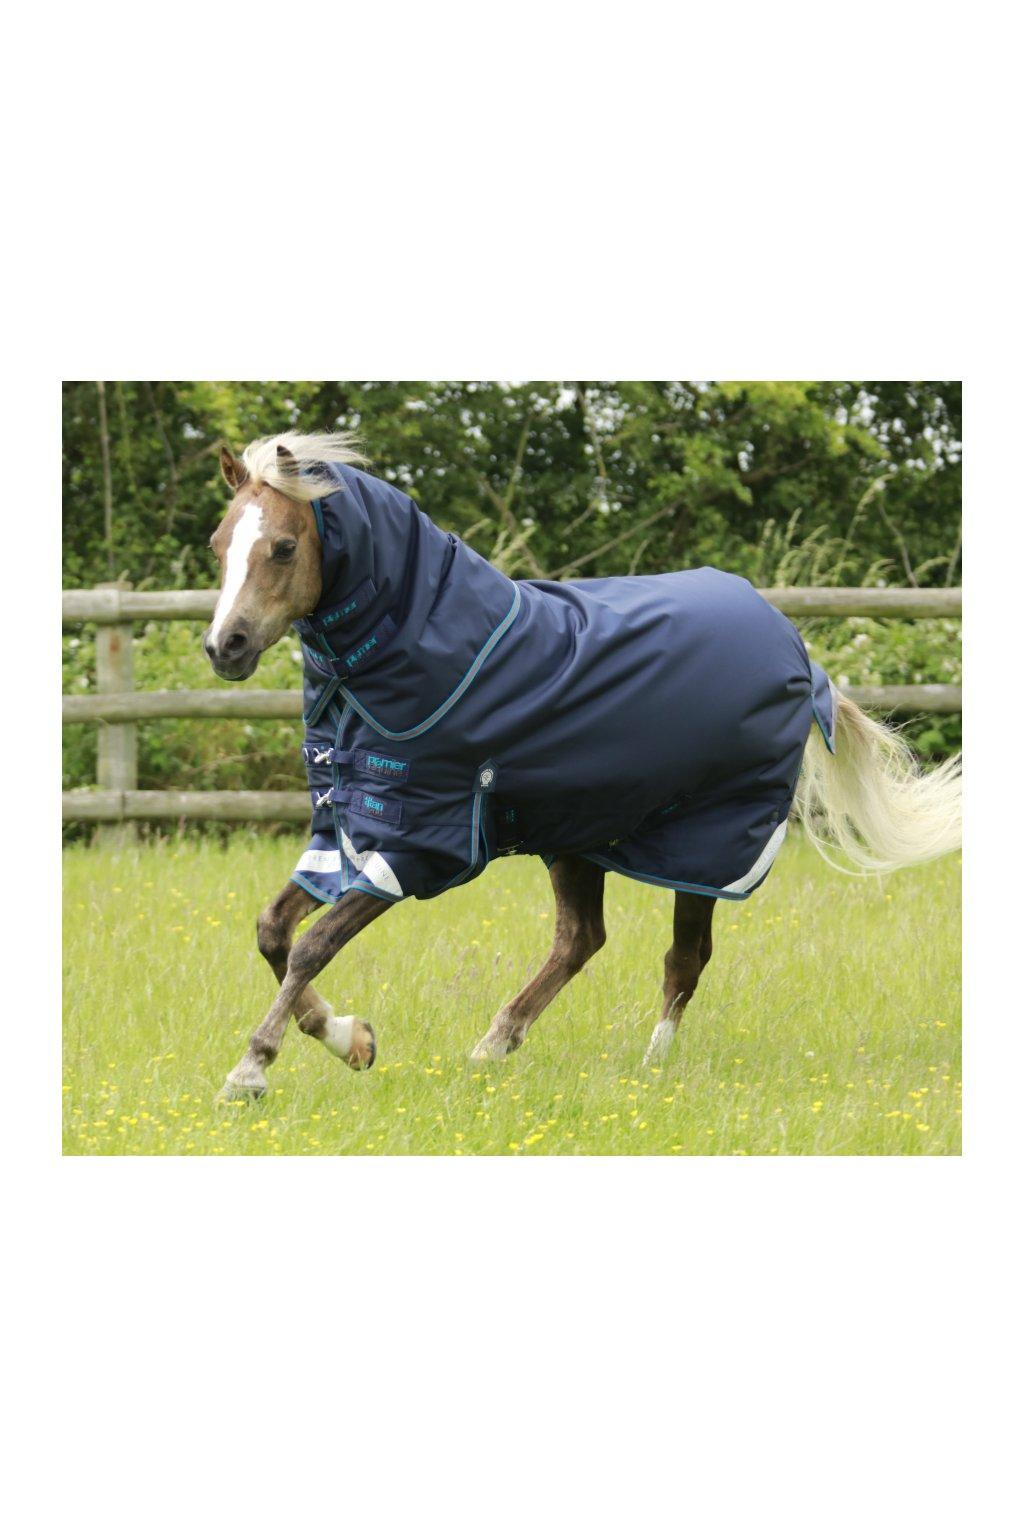 Pony Titan 200 Main Running Image 900x775x900